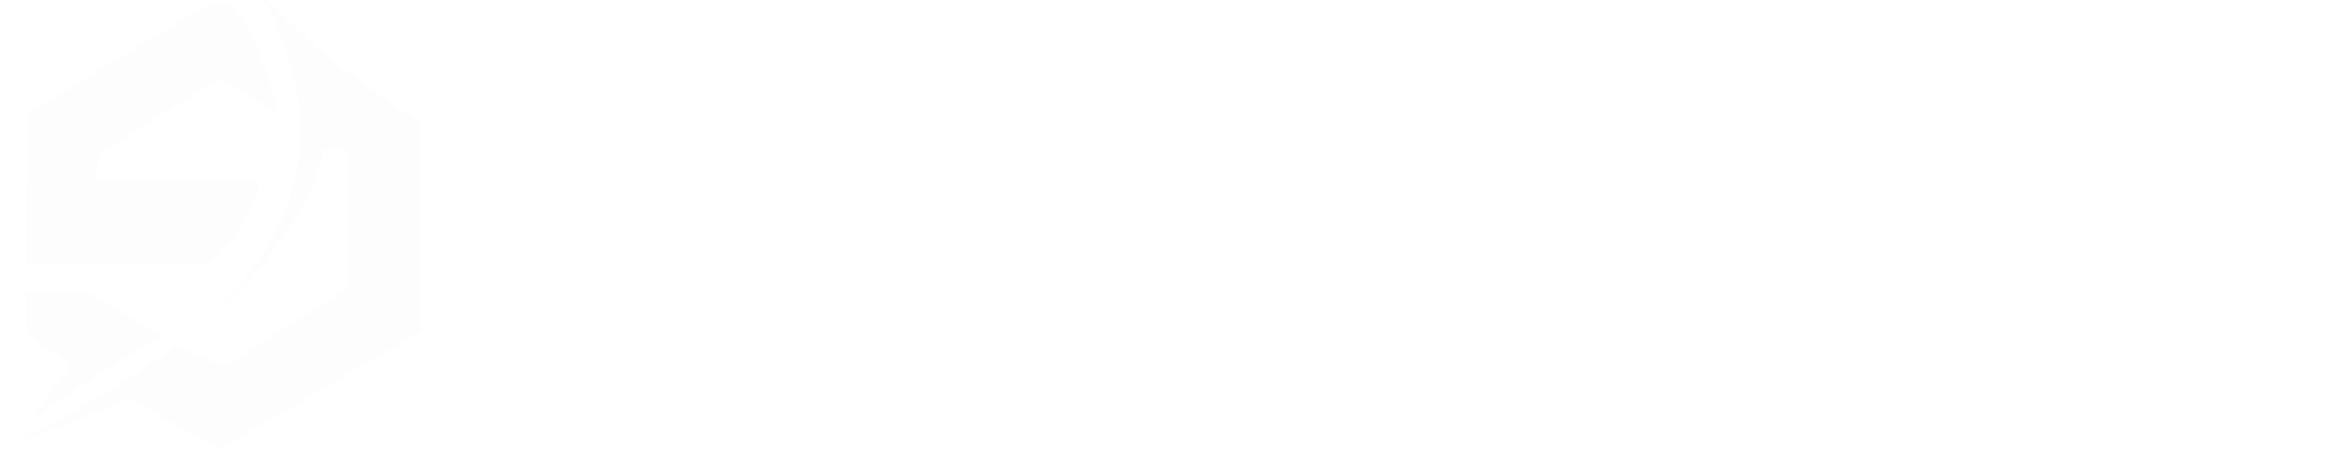 Sportschule Jung Wuppertal